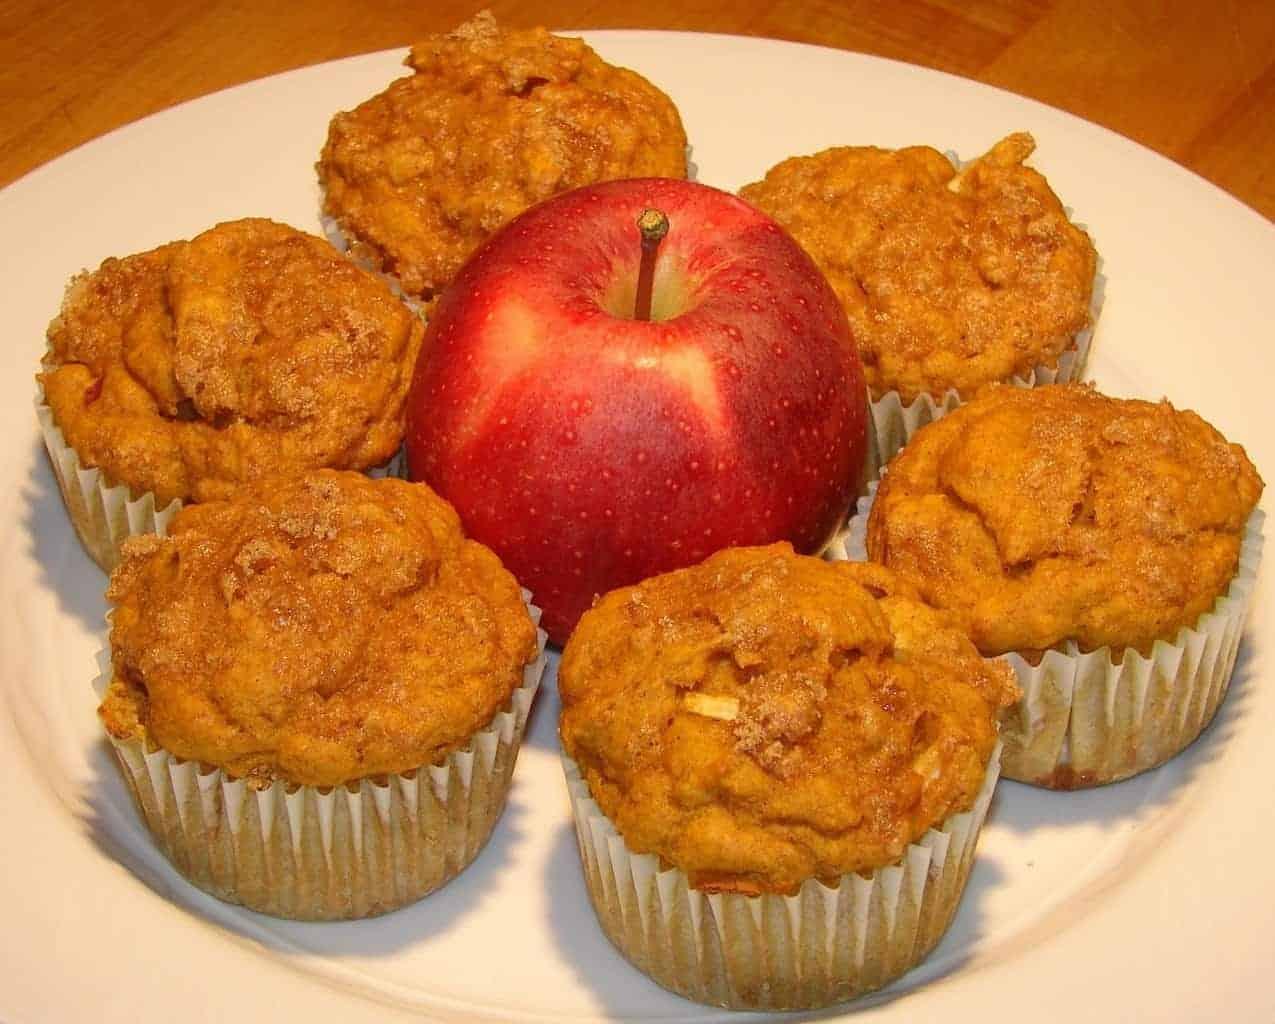 Apple Pumpkin Spice Muffins